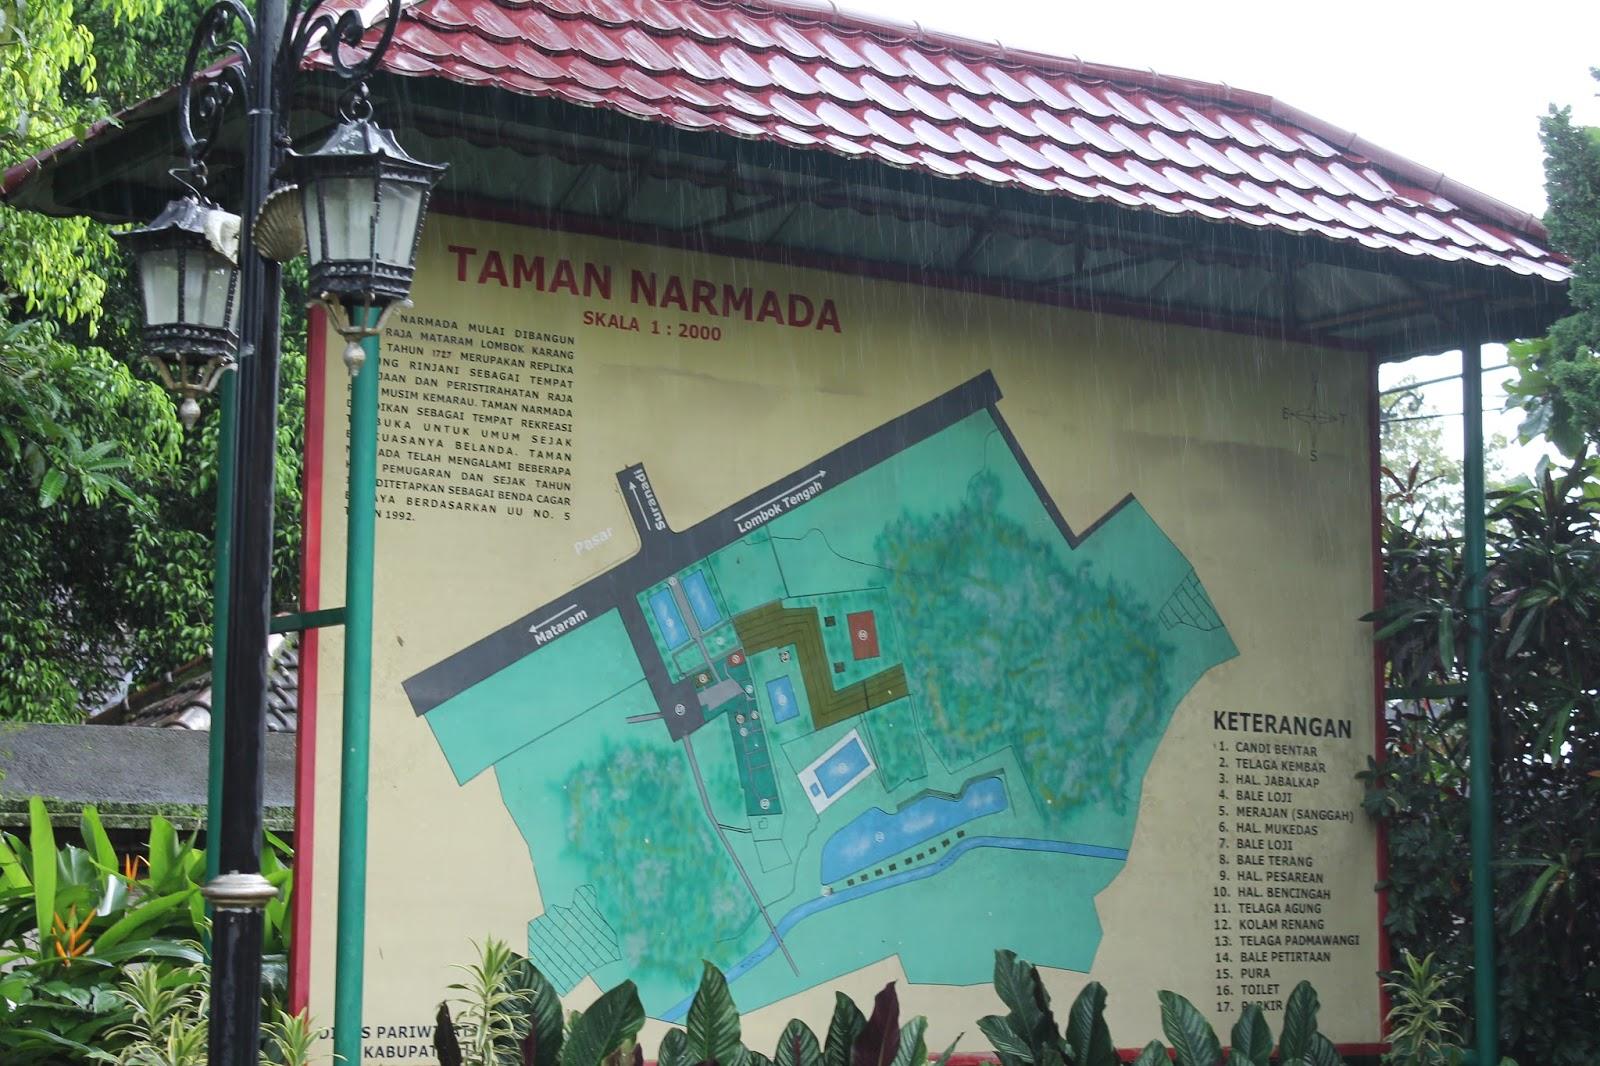 Sebuah Nama Cerita Sejarah Singkat Taman Narmada Lombok Pura Agung